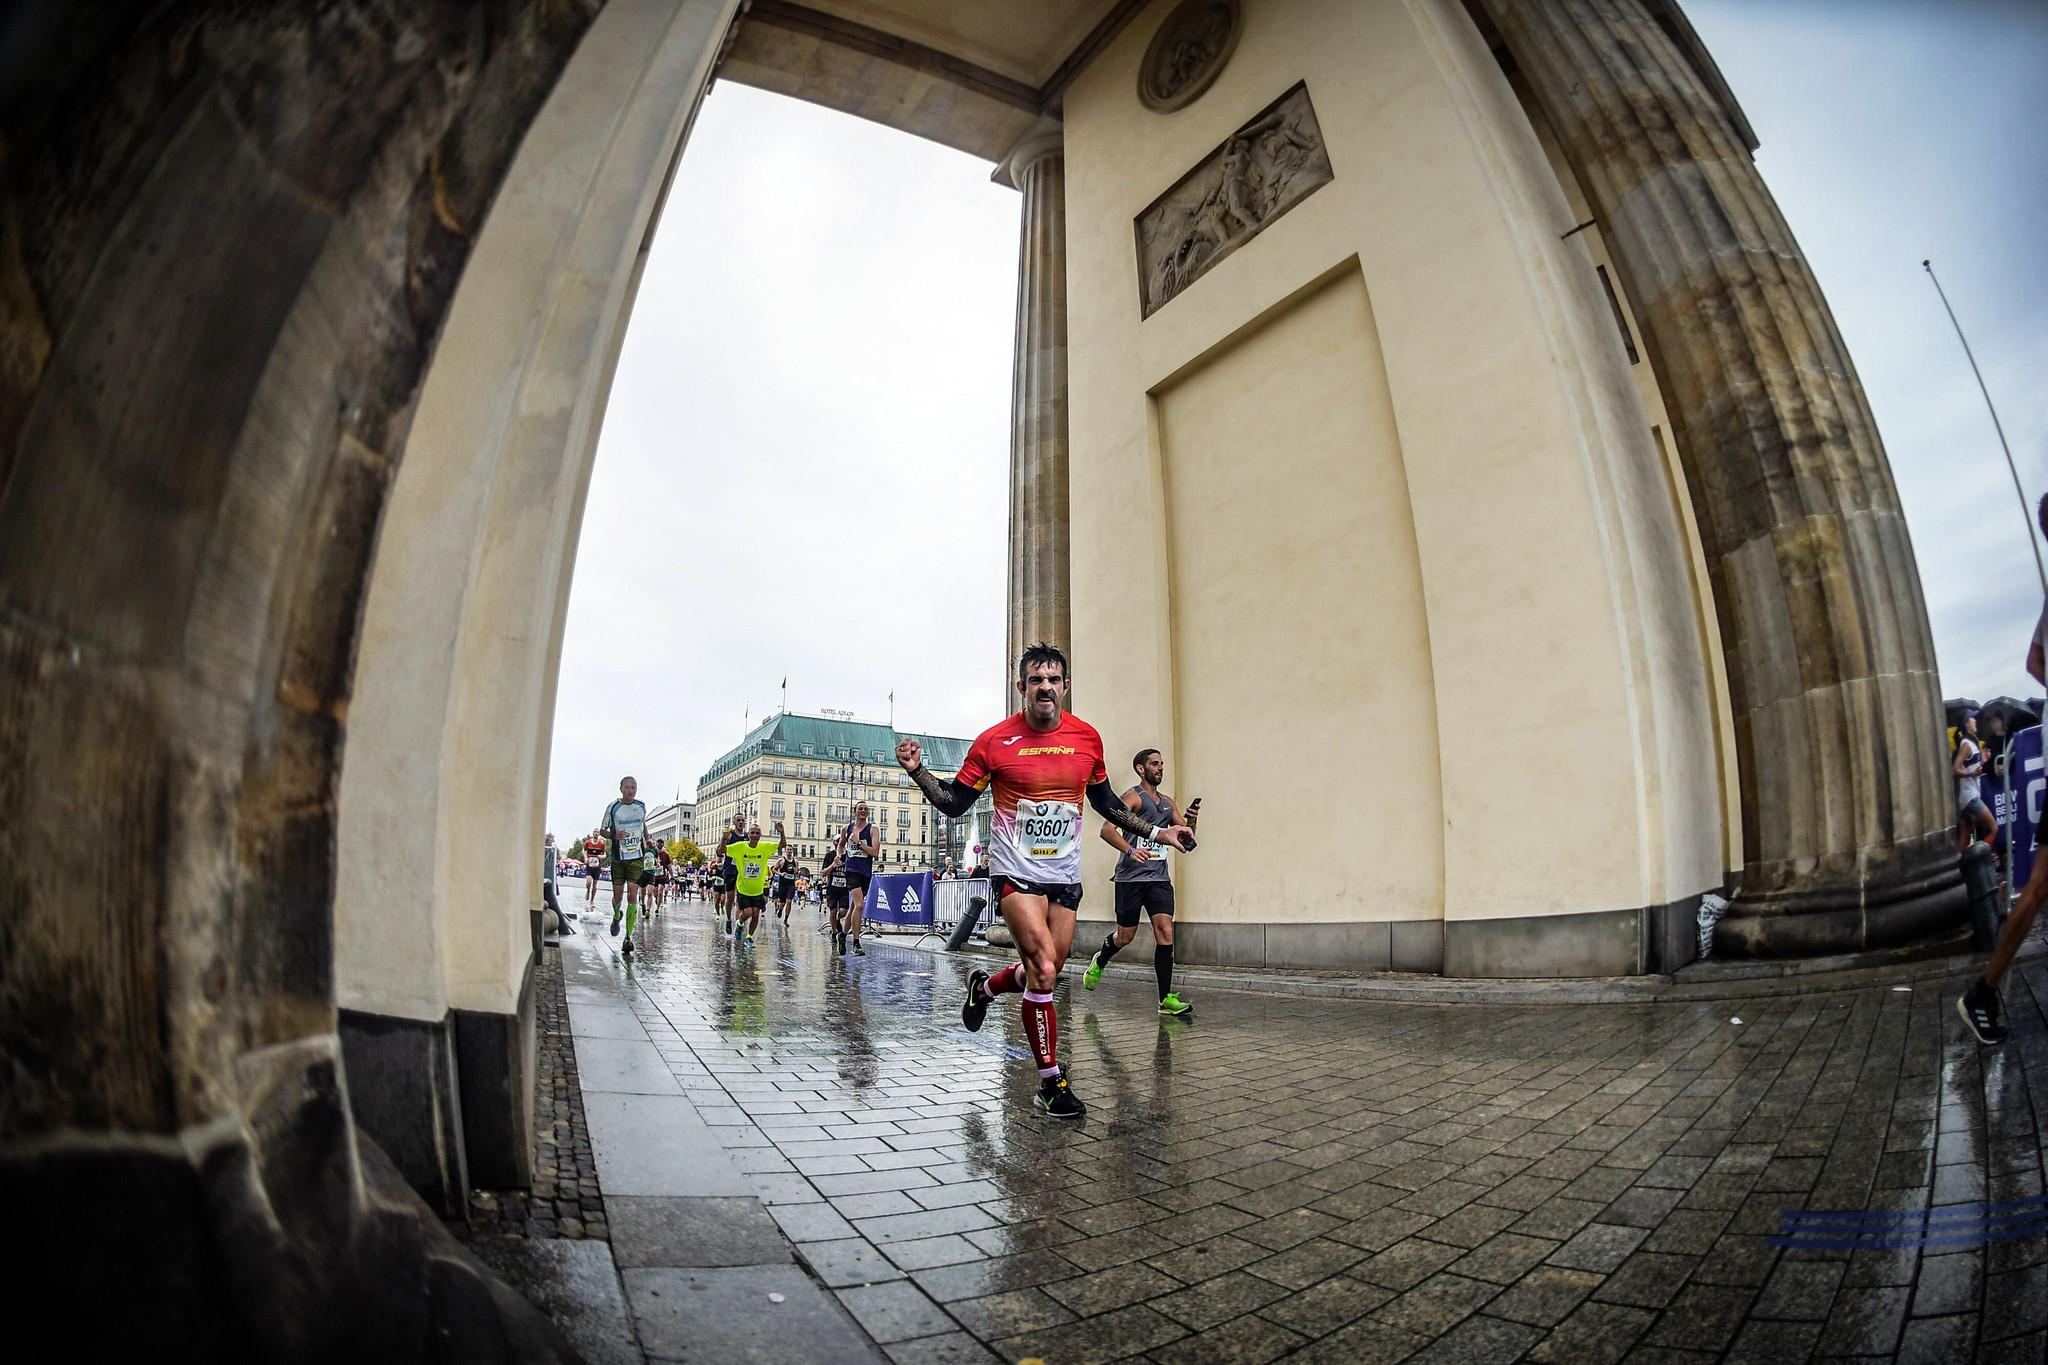 Correr el Maratón de Berlín - Berlin Marathon fotos photos - thewotme maratón de berlín - 49039071931 f028036bcb k - Correr el Maratón de Berlín: Análisis, recorrido, entrenamiento e inscripciones